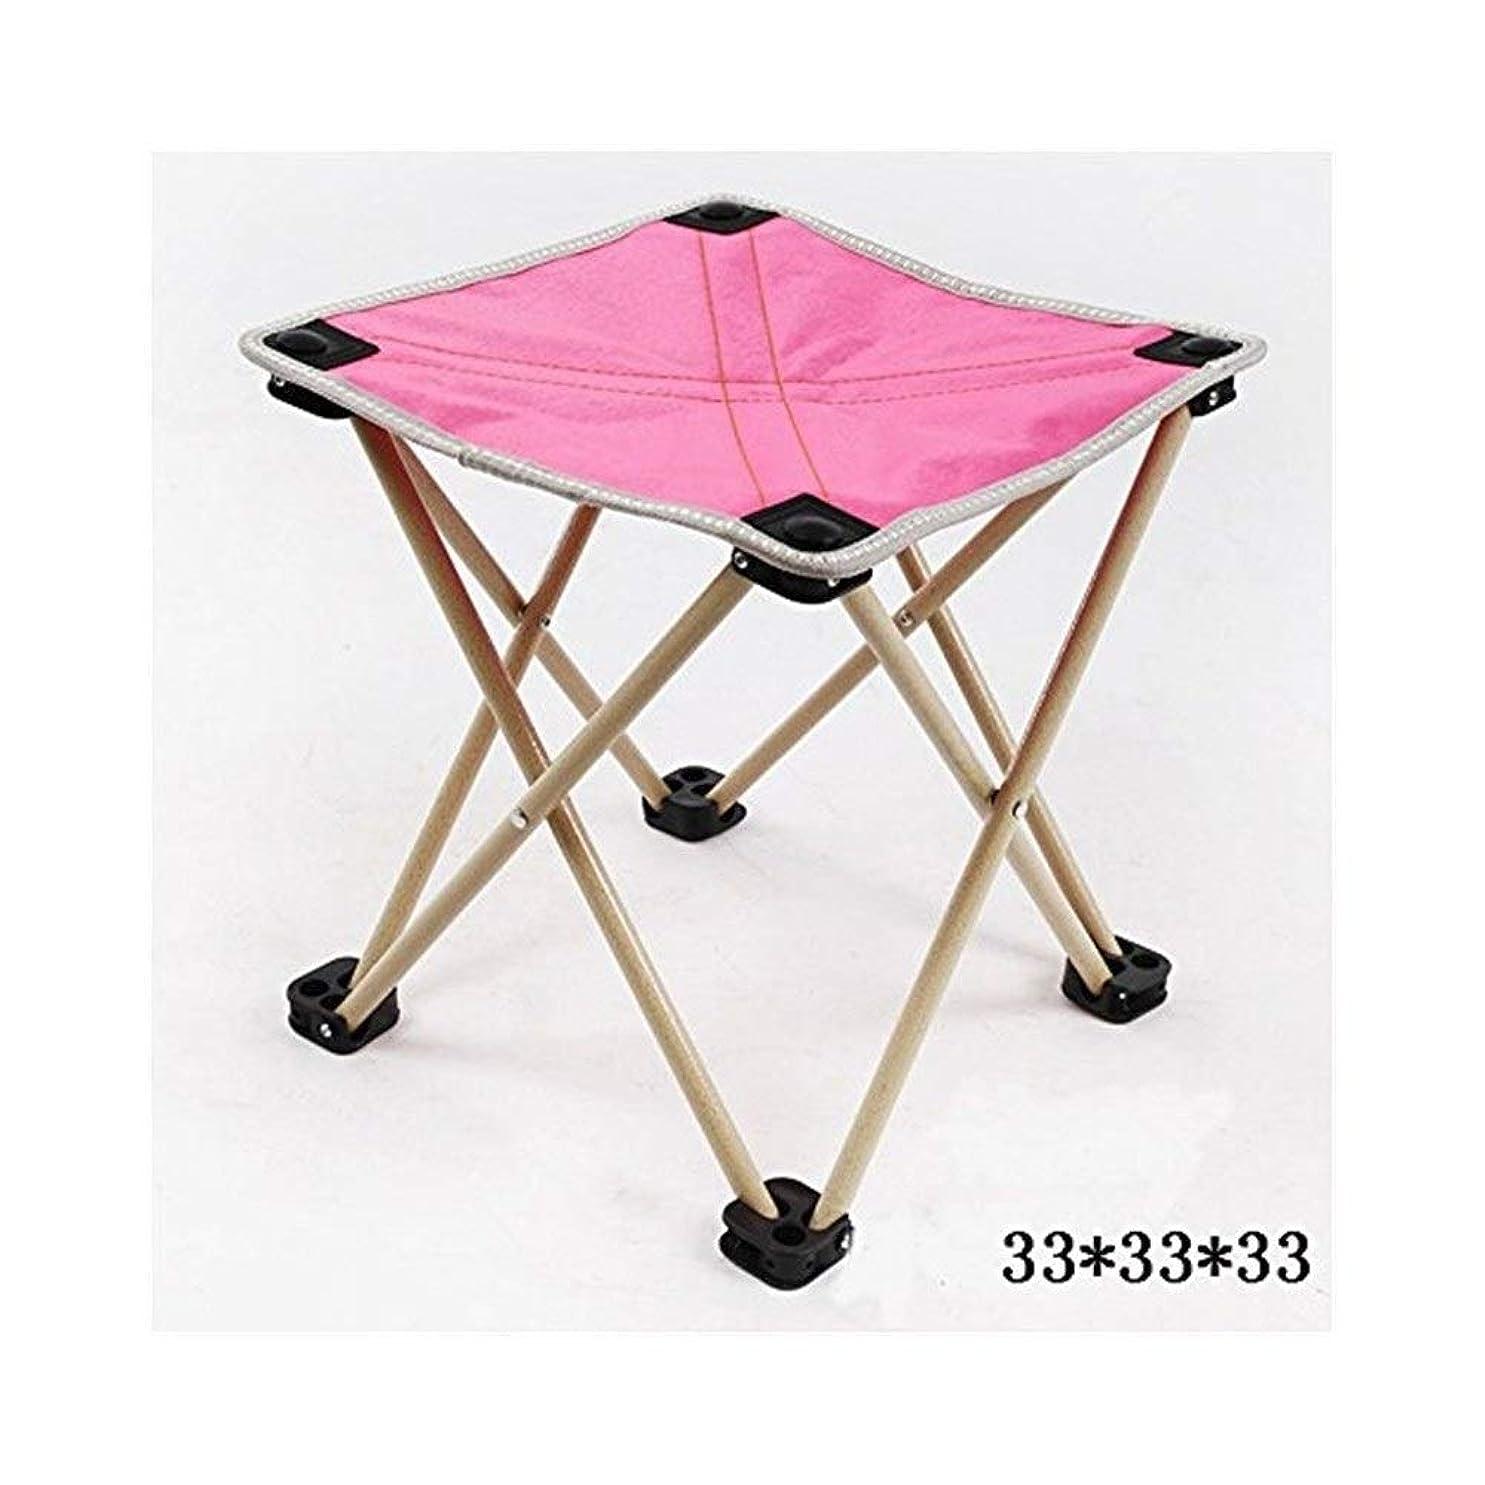 アサードーム観光に行くシンプルモダンステンレススチール折りたたみスツール/ポータブルキャンプビーチ釣りスツール/スツール絵画椅子マザール/折りたたみスモールチェアスツール/靴スツール FENPING (色 : ピンク)